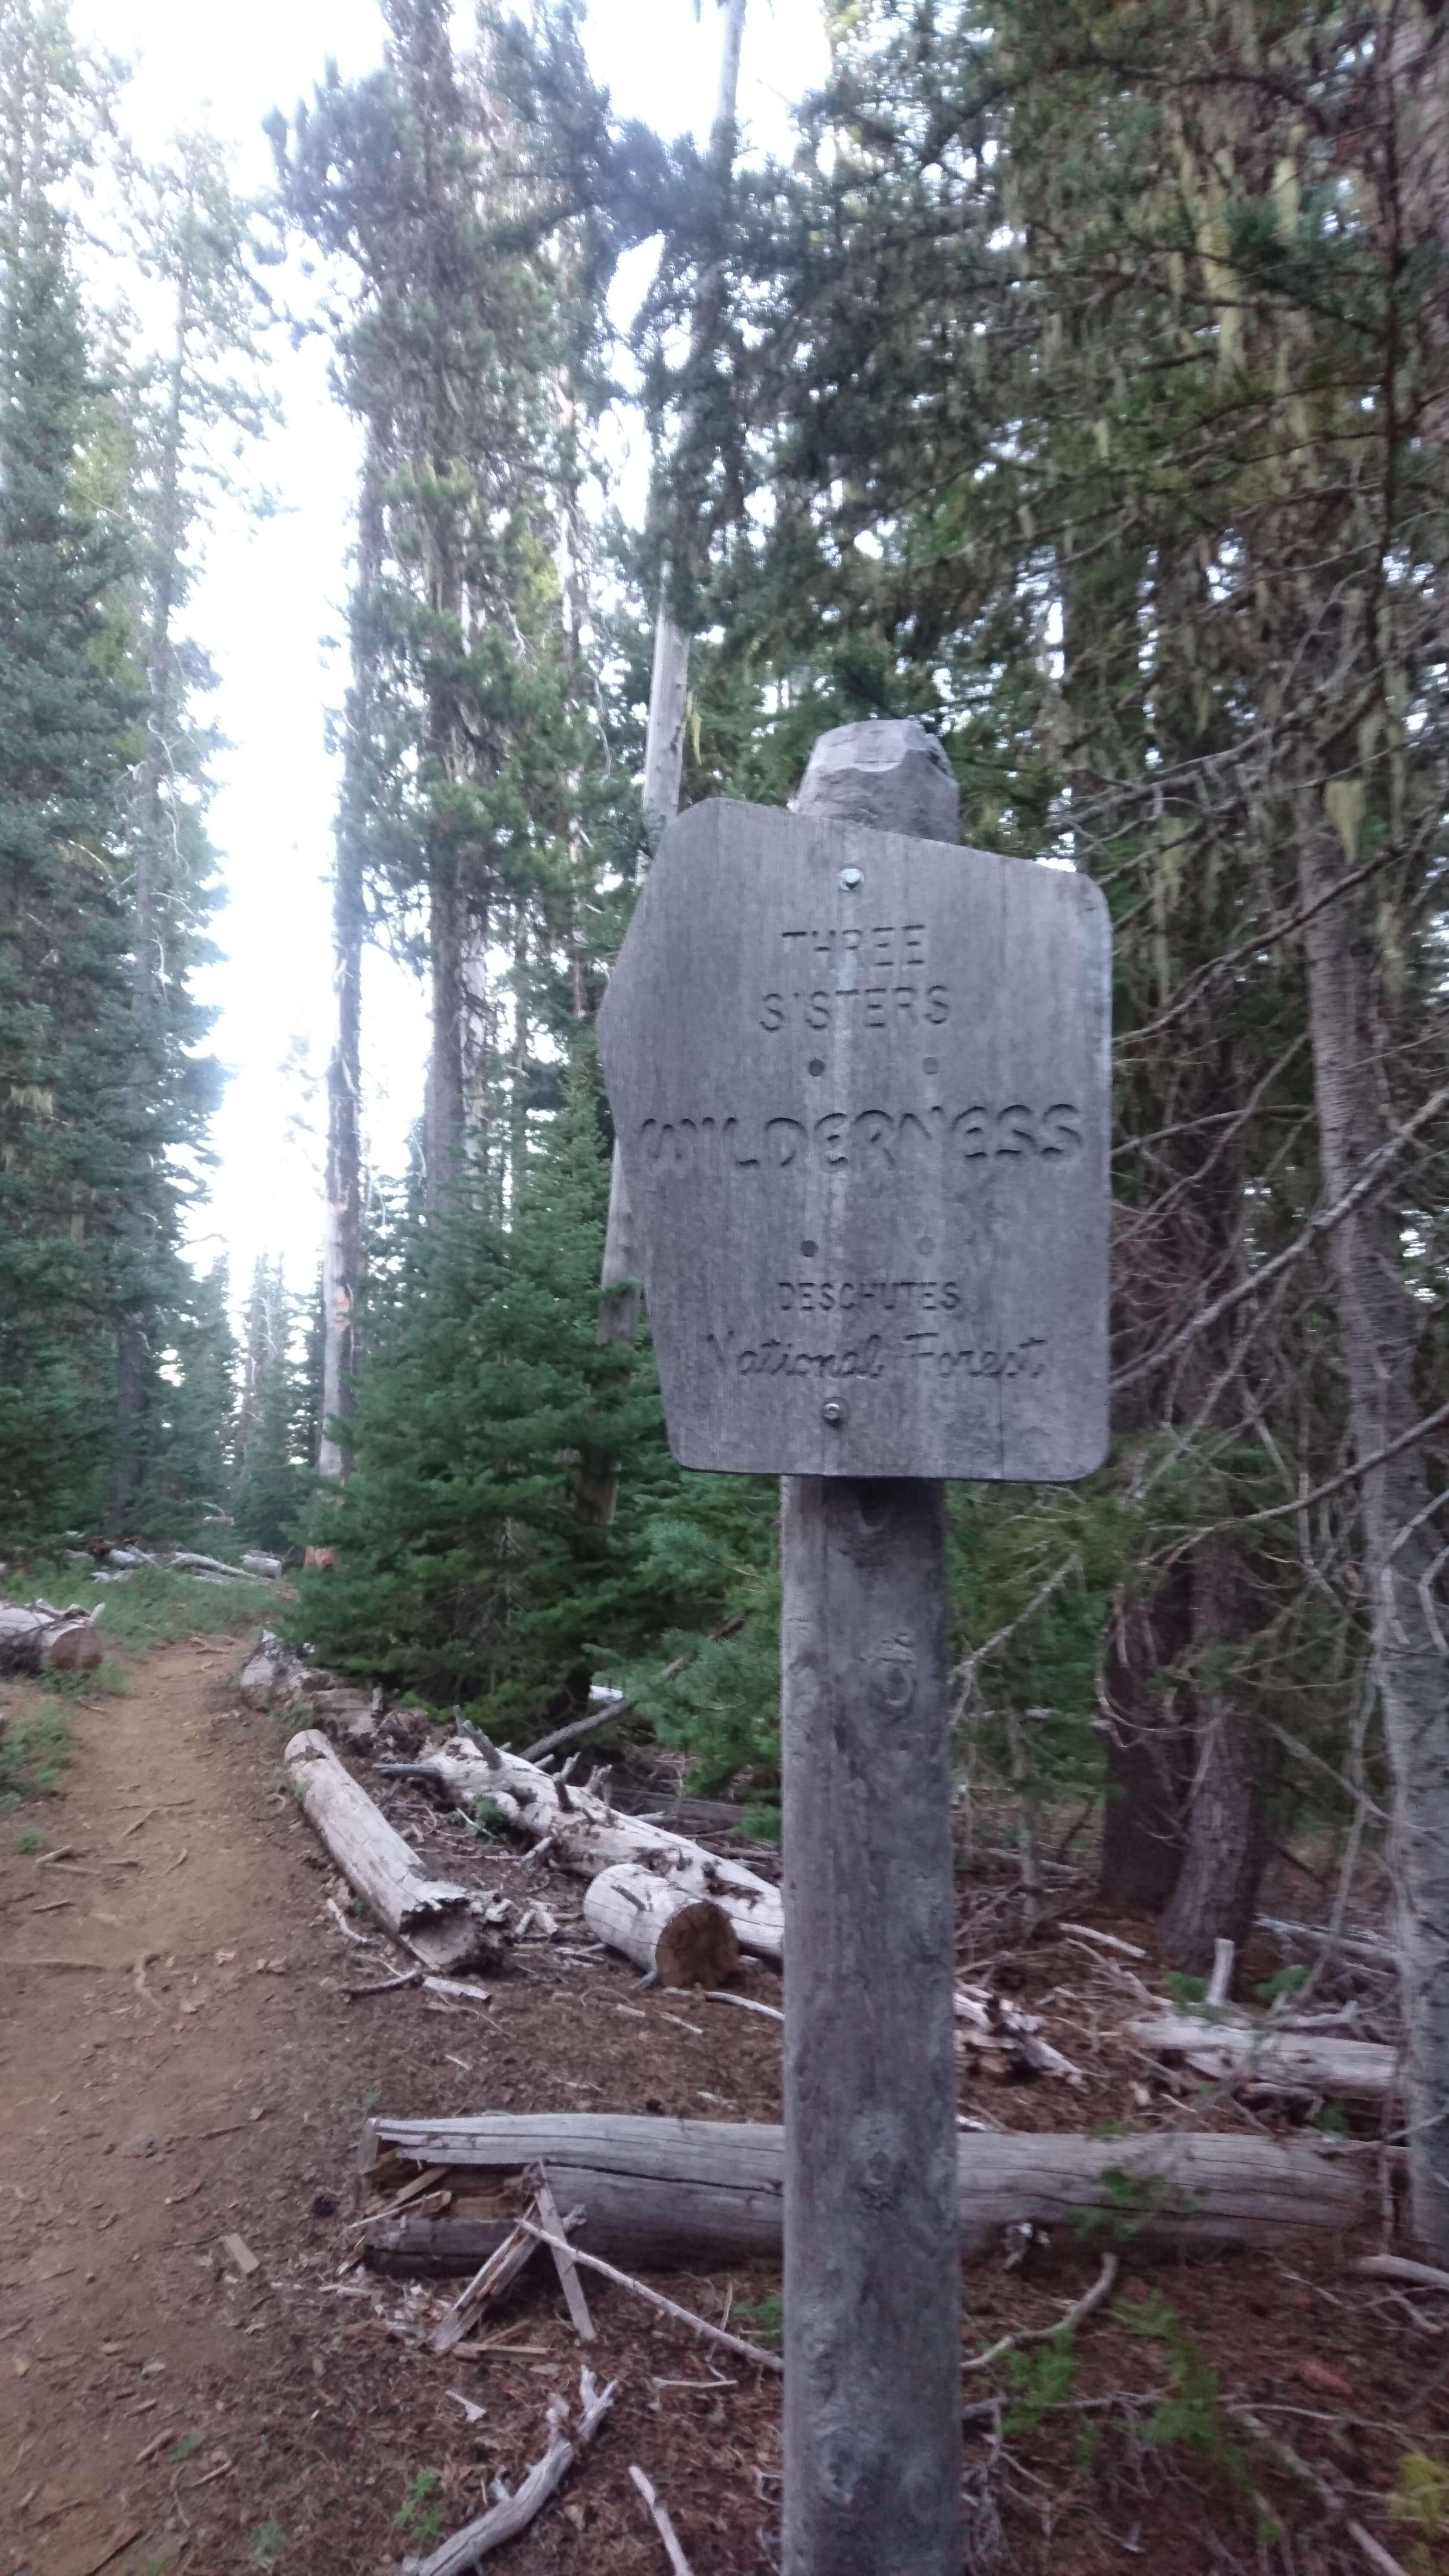 Le sentier pénètre dans le magique Three Sisters Wilderness